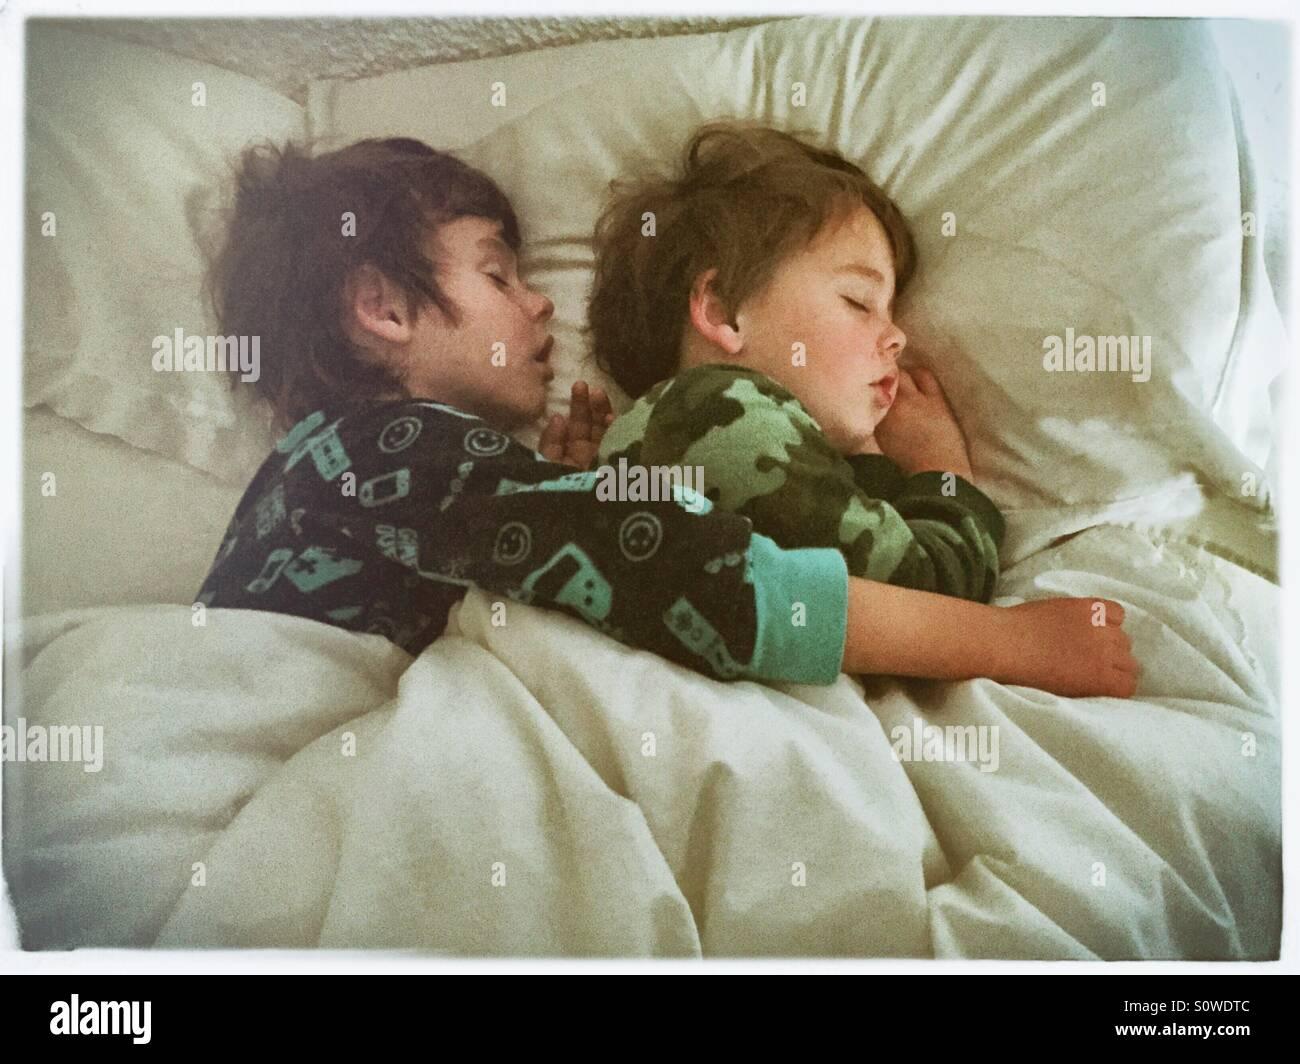 Brüder schlafen Stockfoto